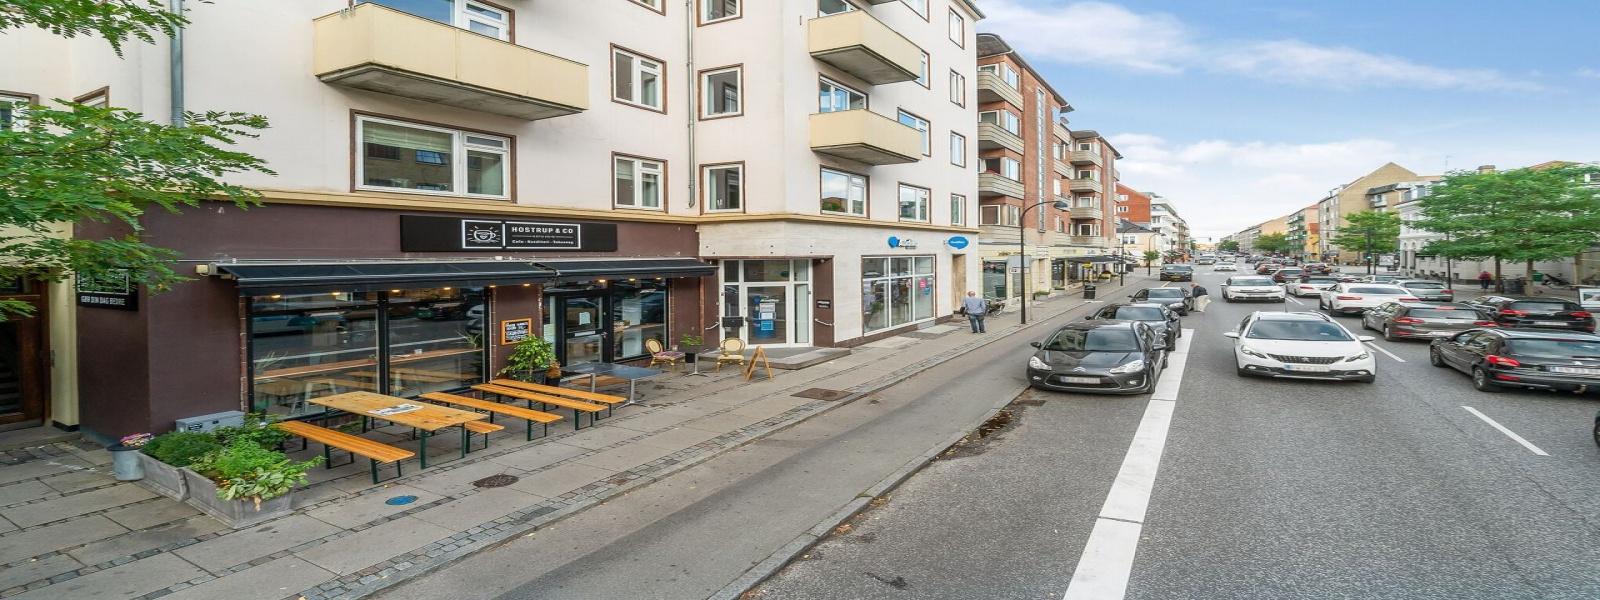 Restauration, pub og cafe,Solgt,1314